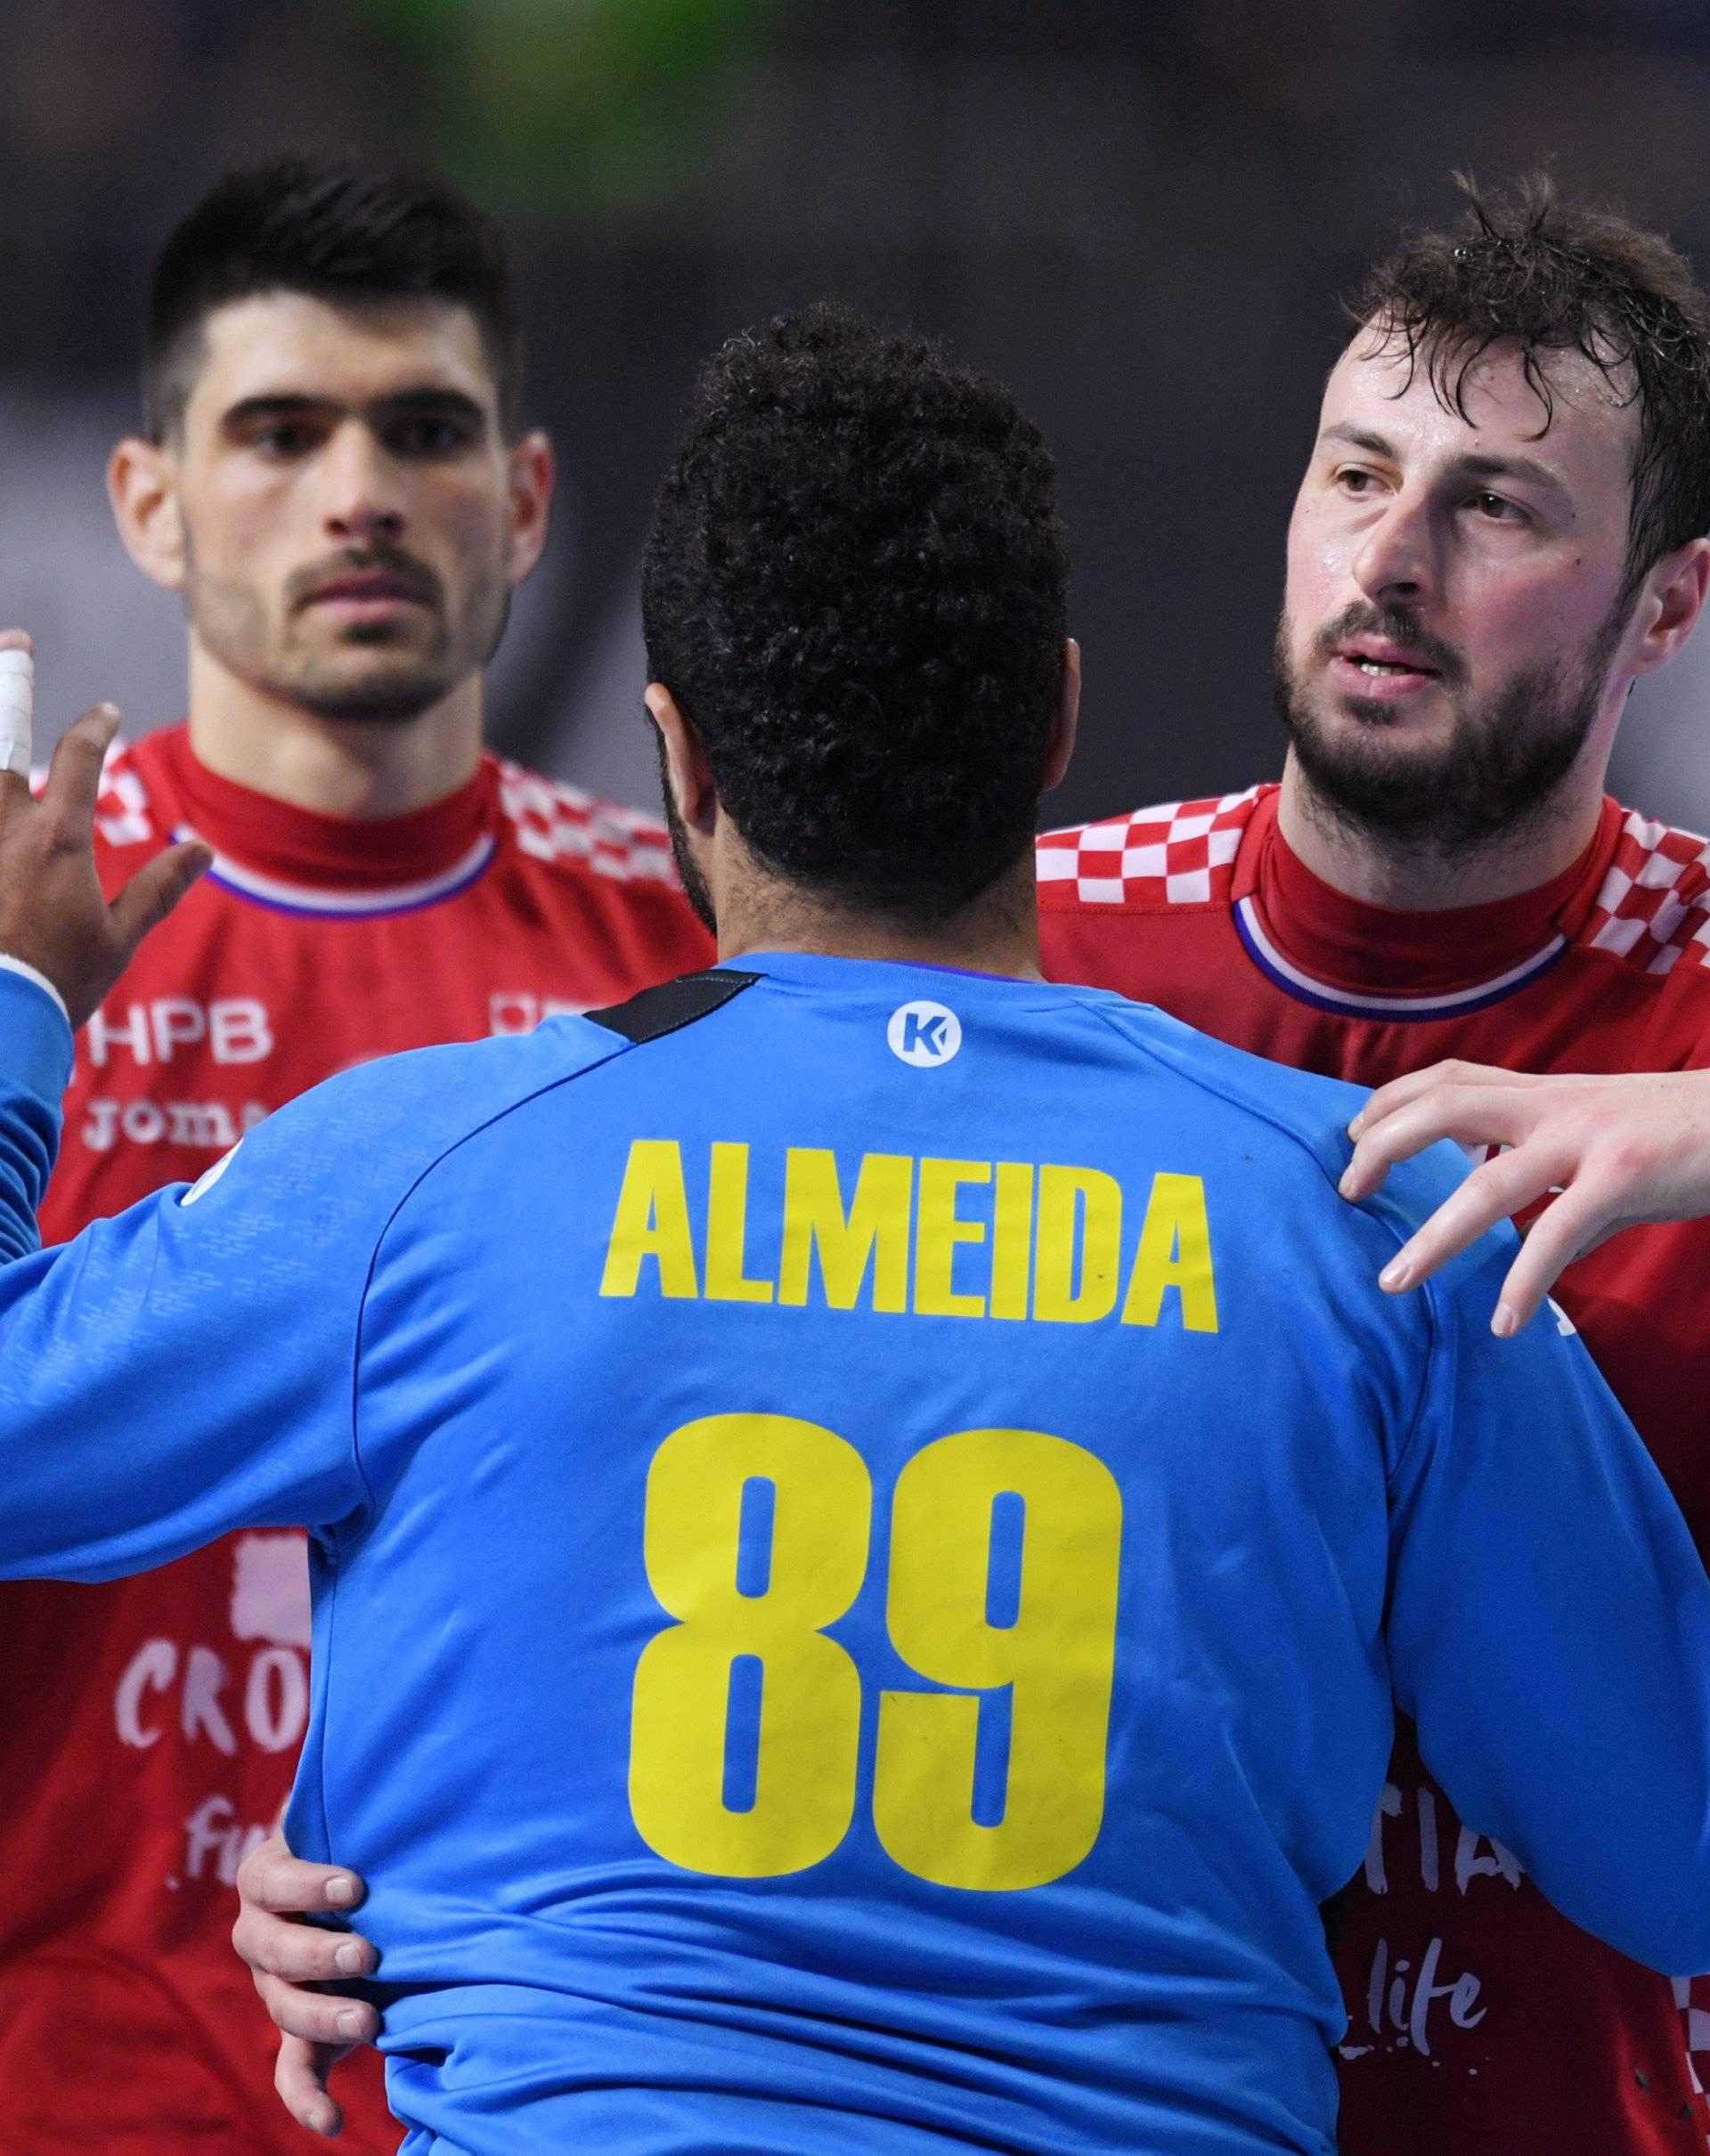 IHF Handball World Championship - Germany & Denmark 2019 - Main Round Group 1 - Brazil v Croatia